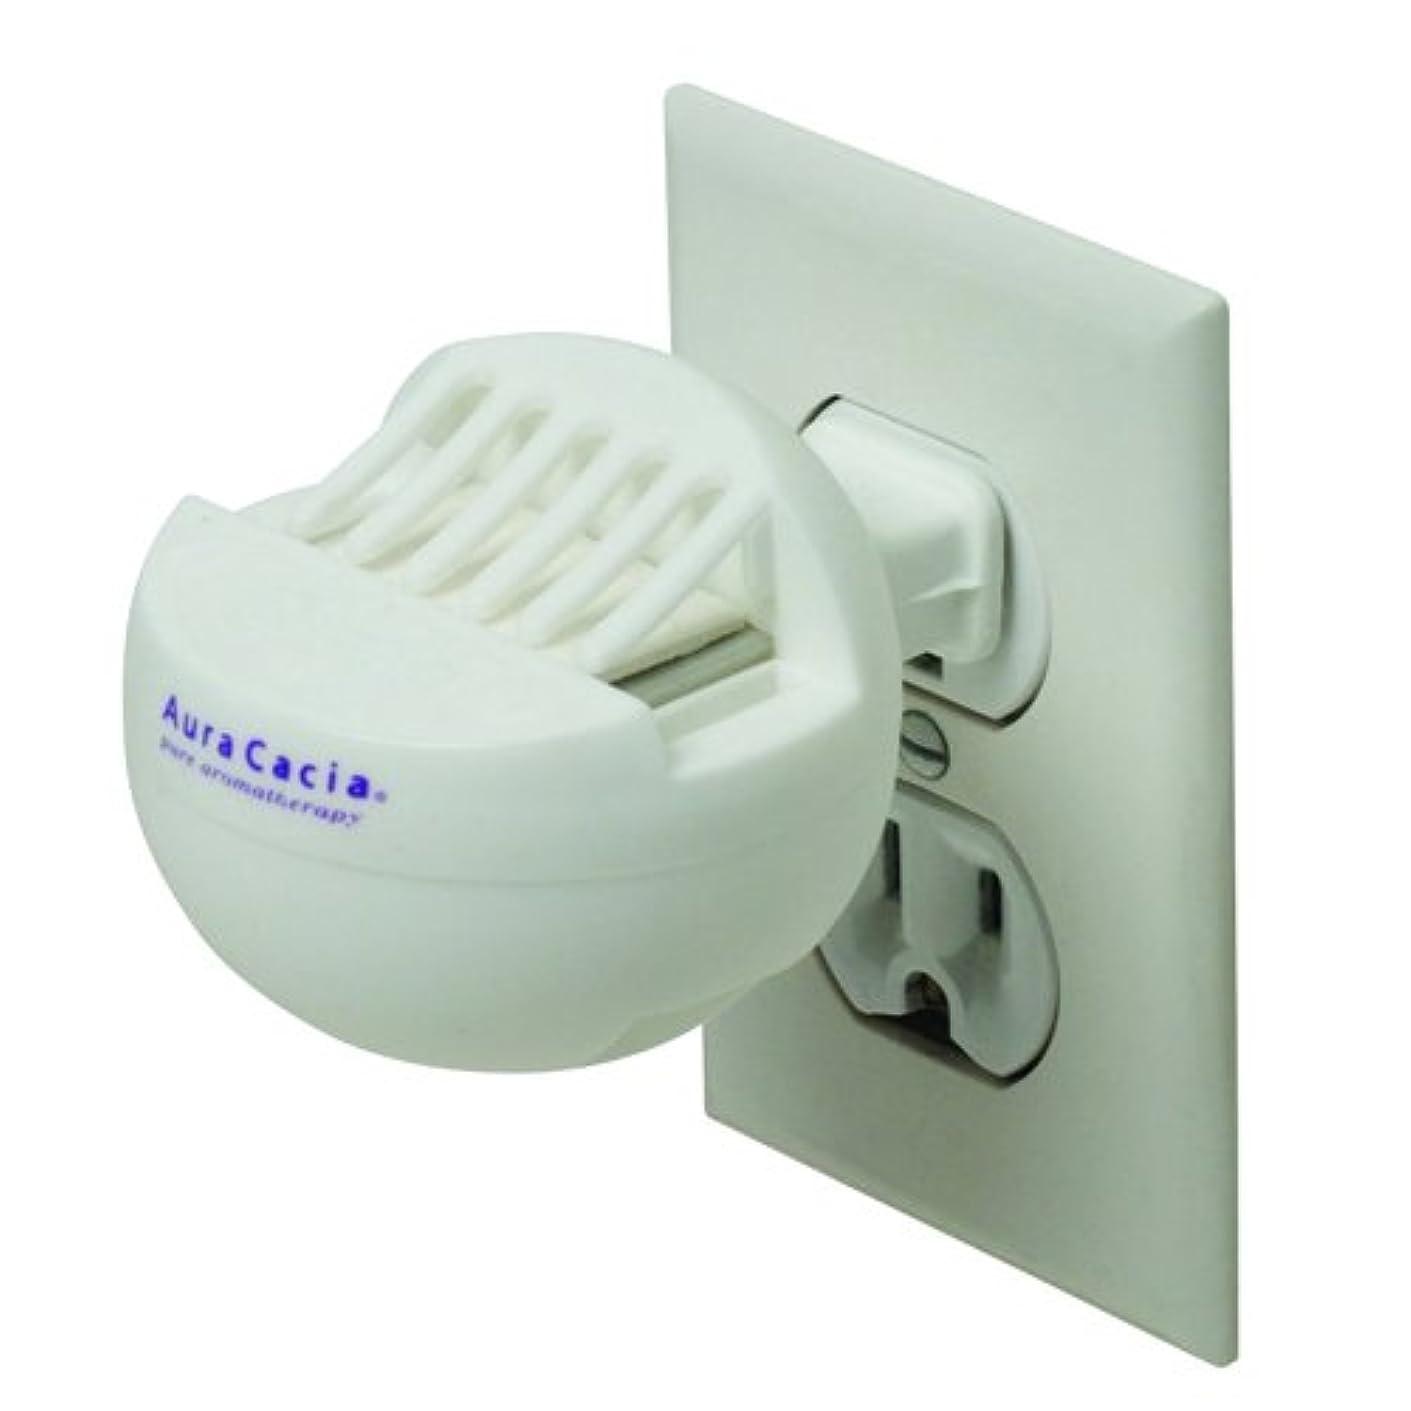 慎重に型チップ海外直送品 Aura Cacia Aromatherapy Room Diffuser, 1 Pc